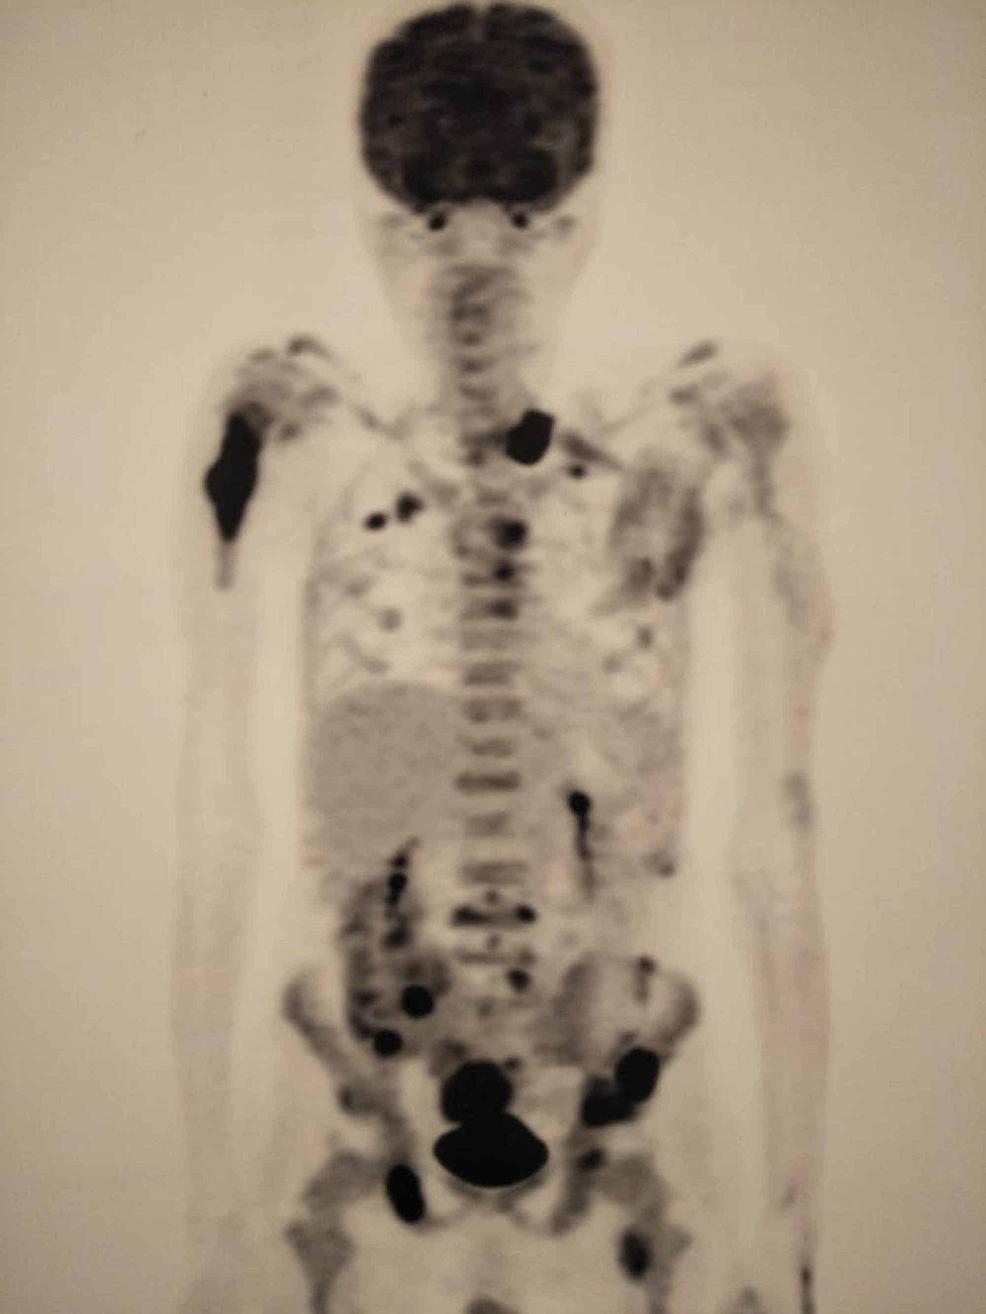 Positron-emission-tomography